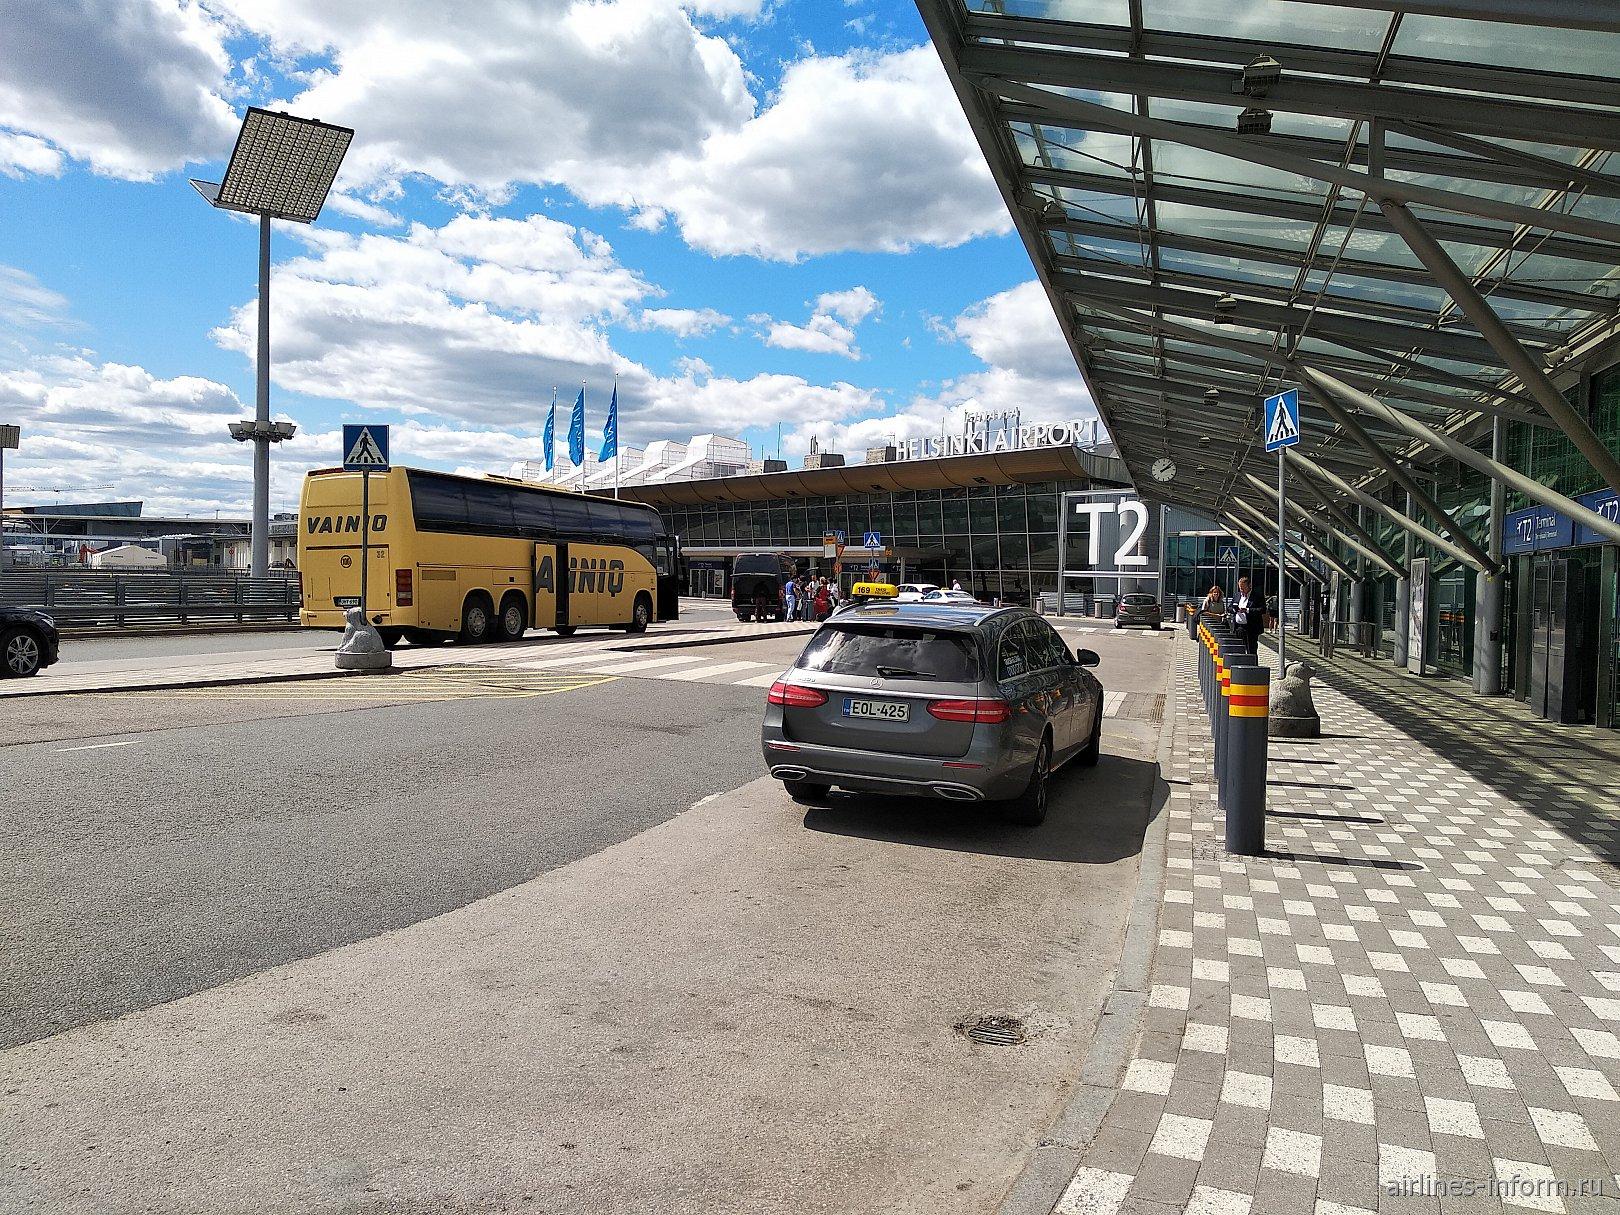 Терминал 2 аэропорта Хельсинки